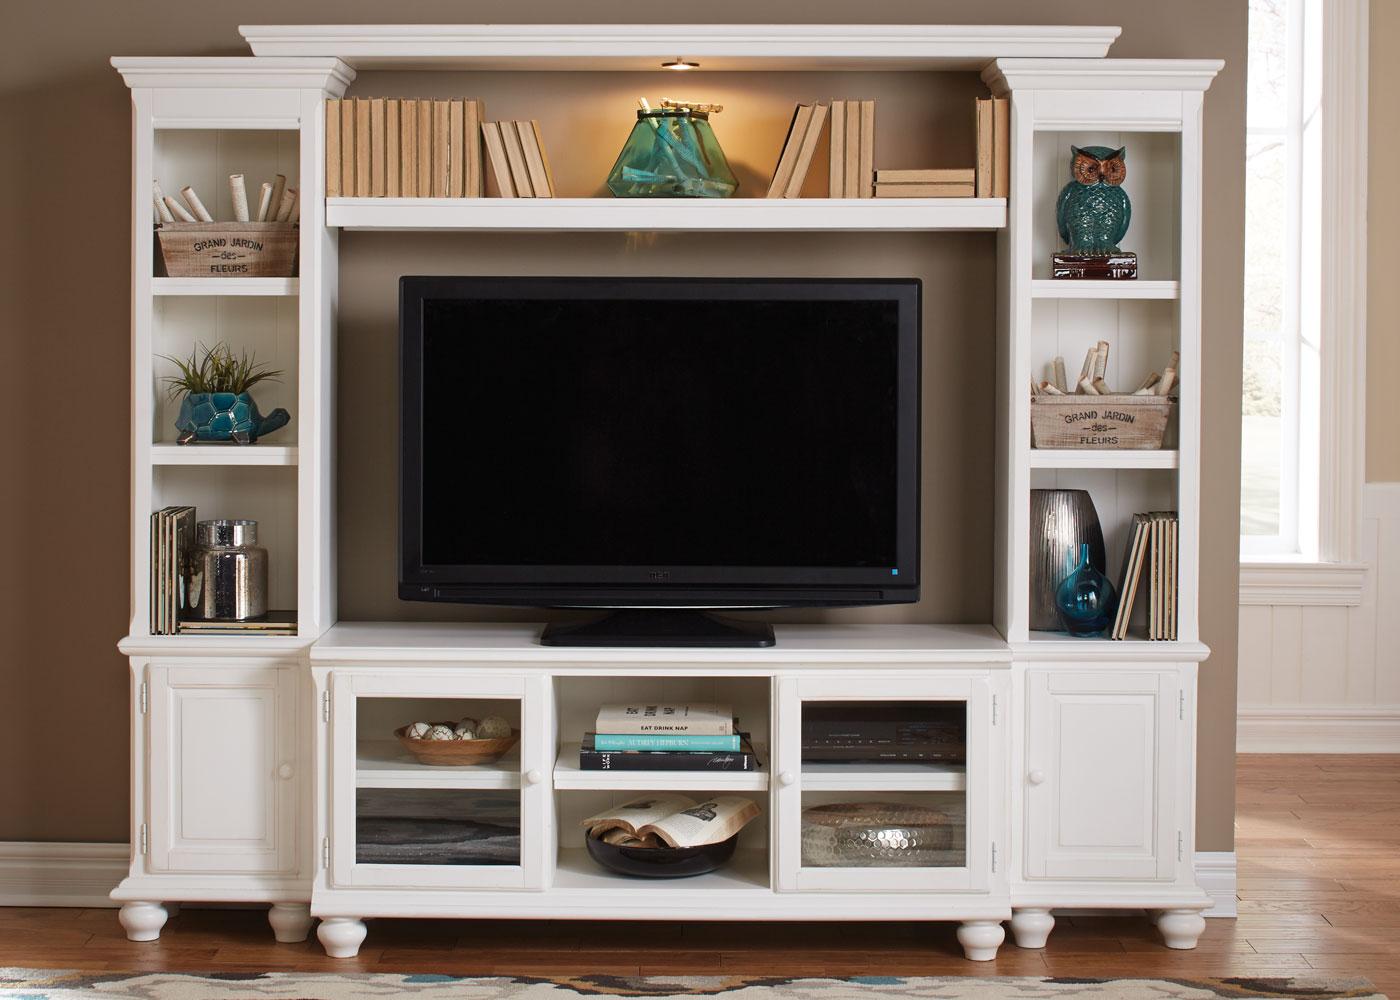 Badcock Home Furniture &more - Orlando, FL 32808 - (407)601-2311 | ShowMeLocal.com